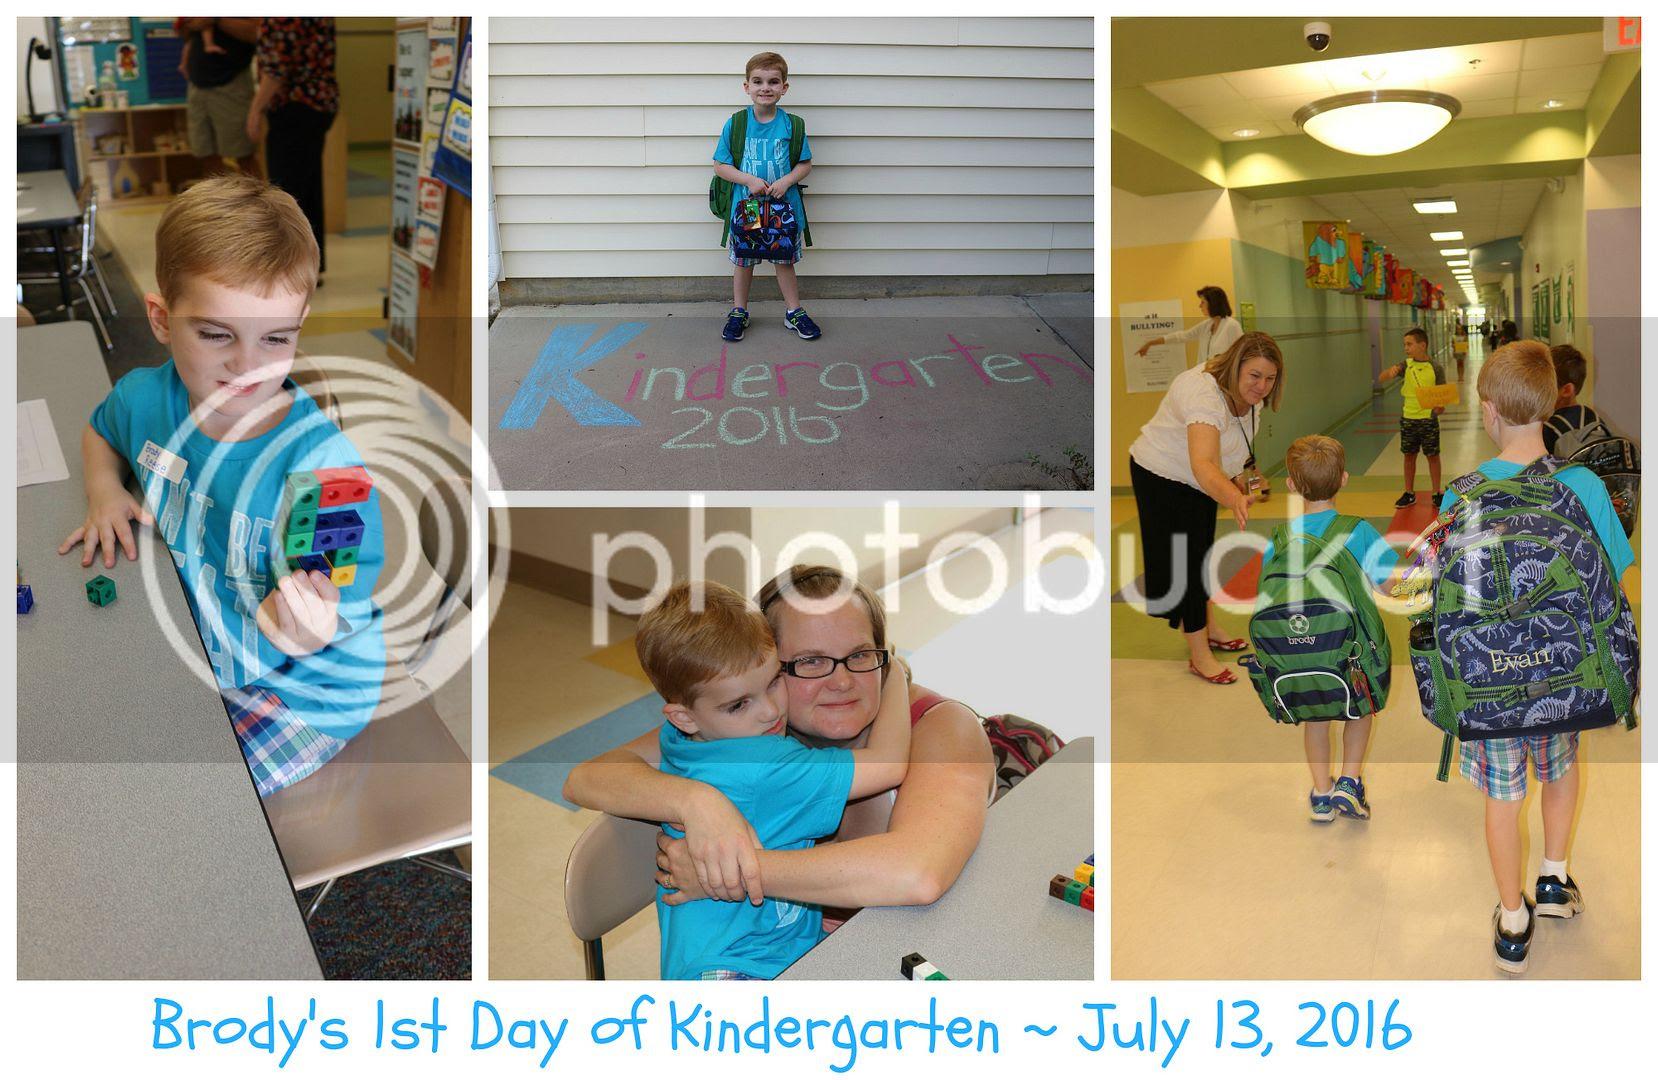 photo kindergarten.collage1_zpsyipvwgxq.jpg